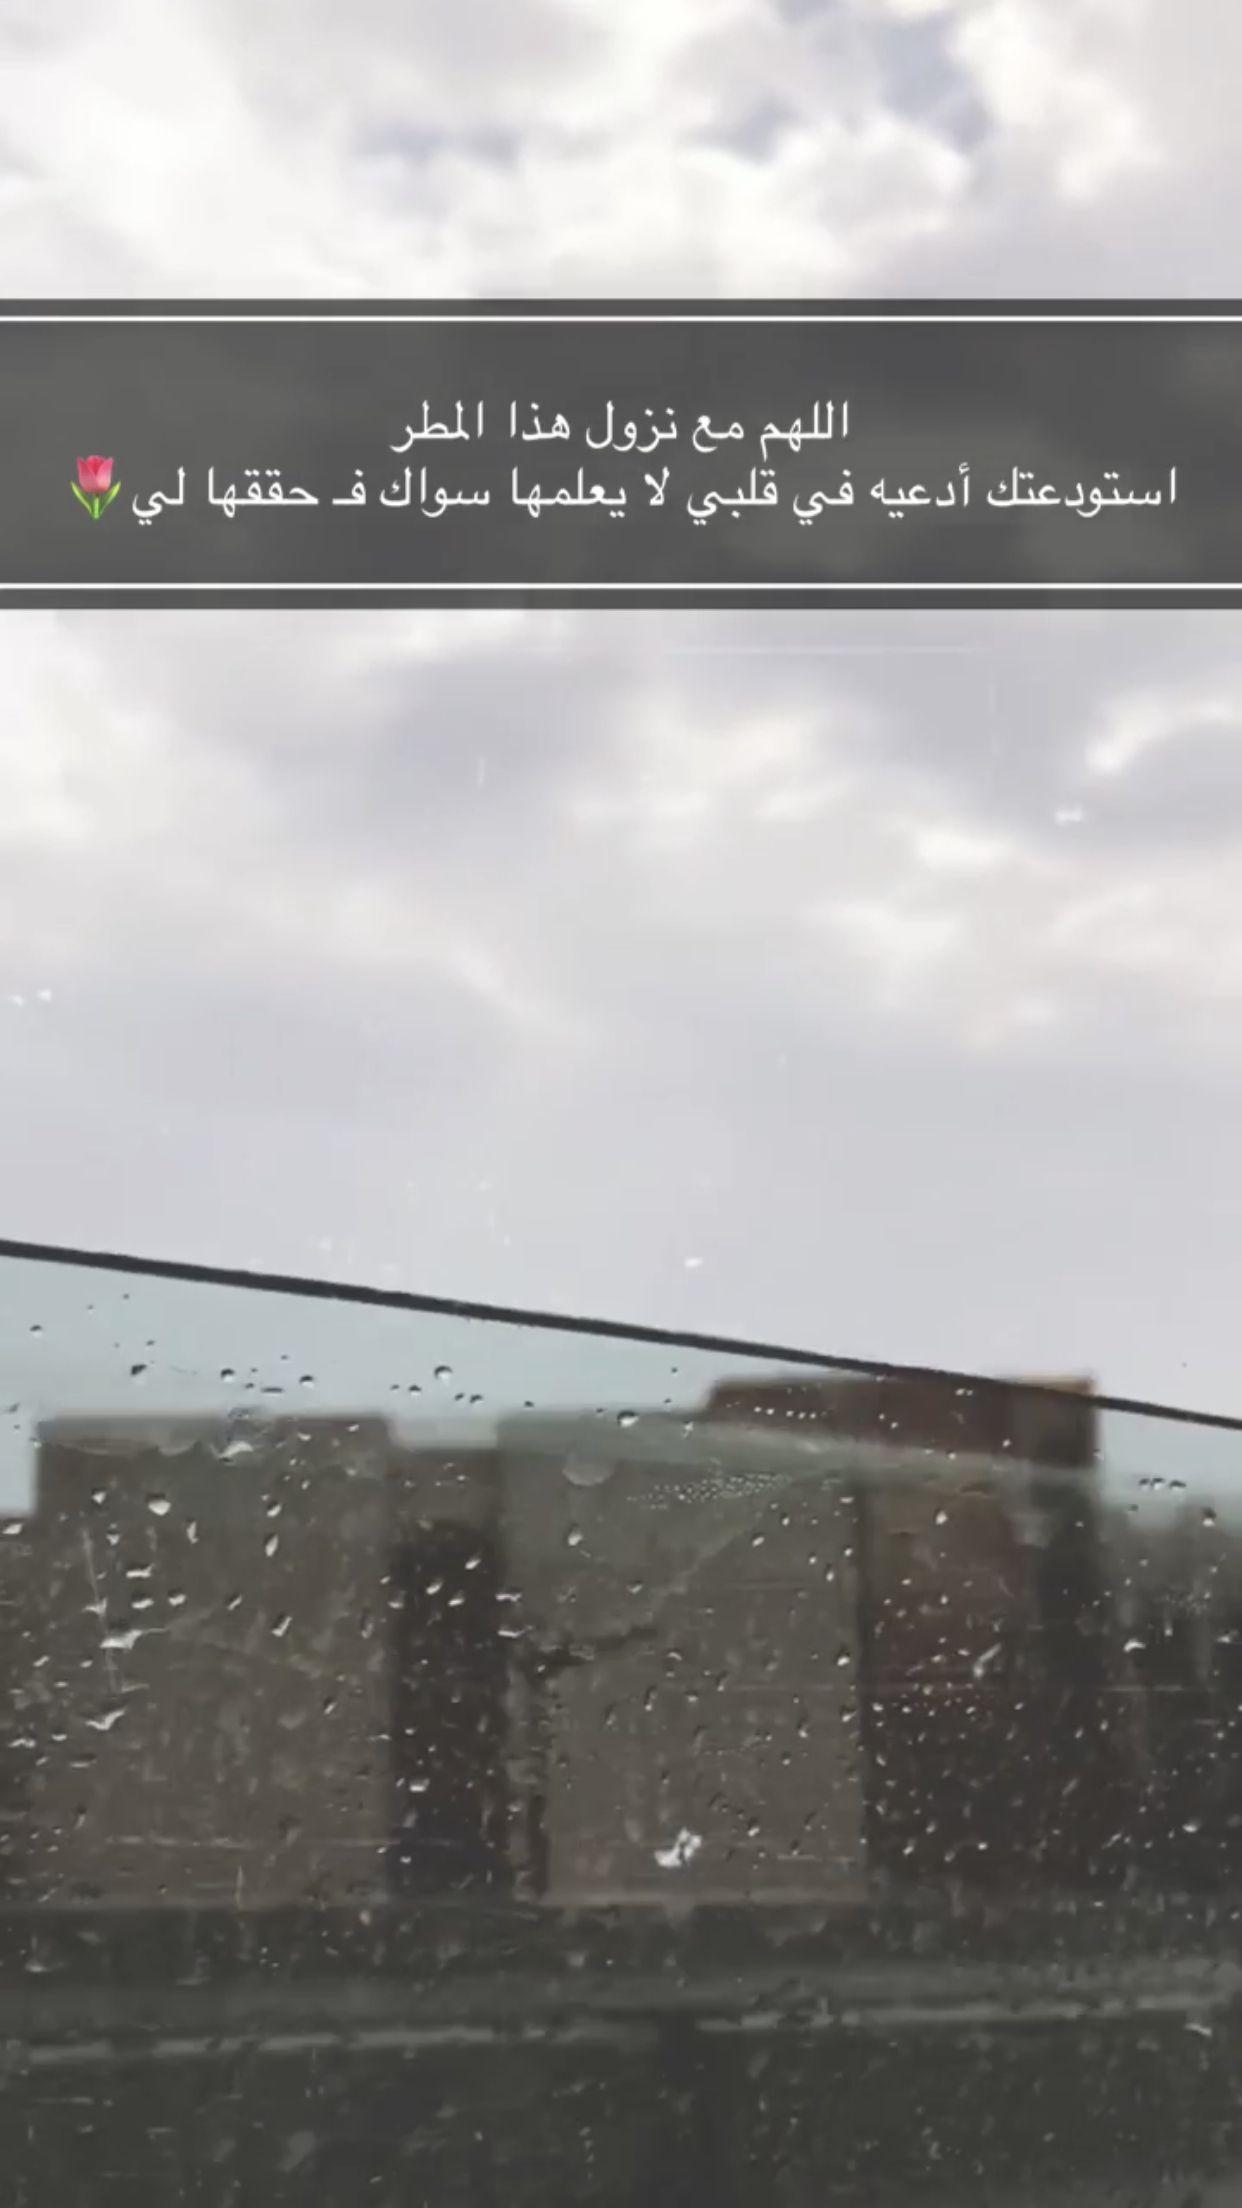 همسة اللهم مع نزول هذا المطر استودعتك أدعيه في قلبي لا يعلمها سواك فـ حققها لي تصويري تصوي Medical Quotes Instagram Quotes Nature Photography